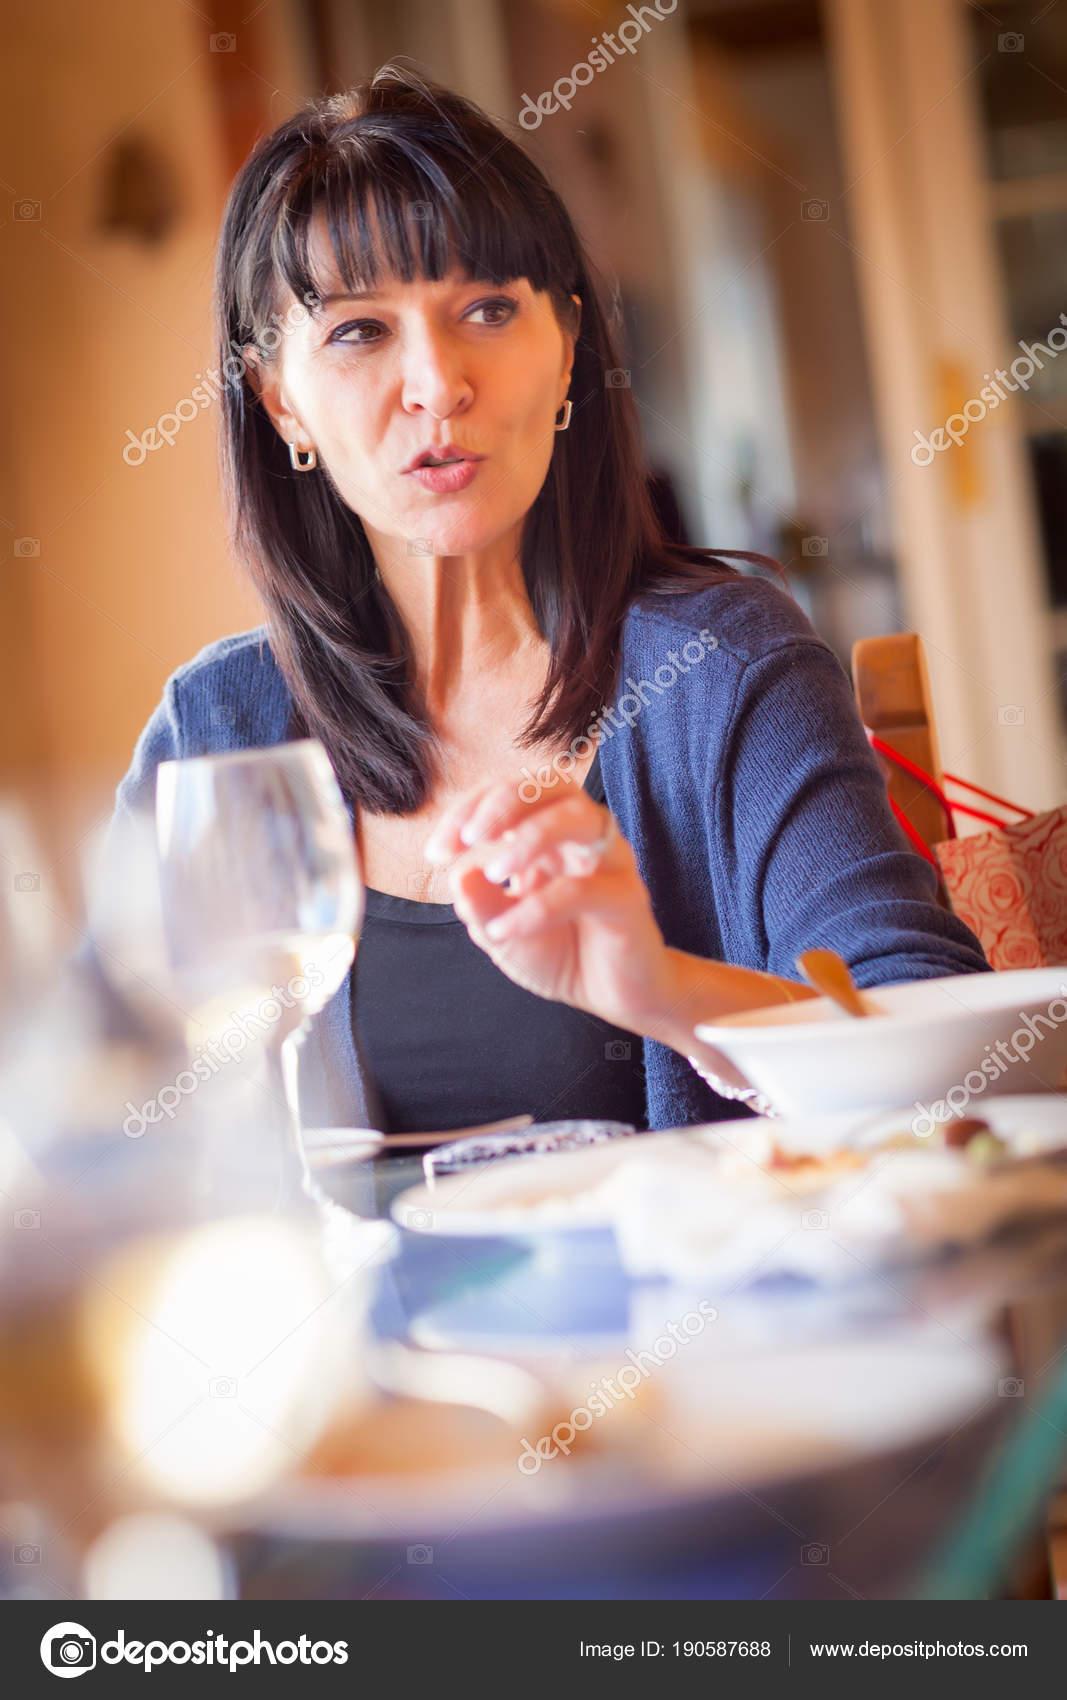 Ziemlich Italienerin genießt eine Mahlzeit und Getränke mit Freunden ...